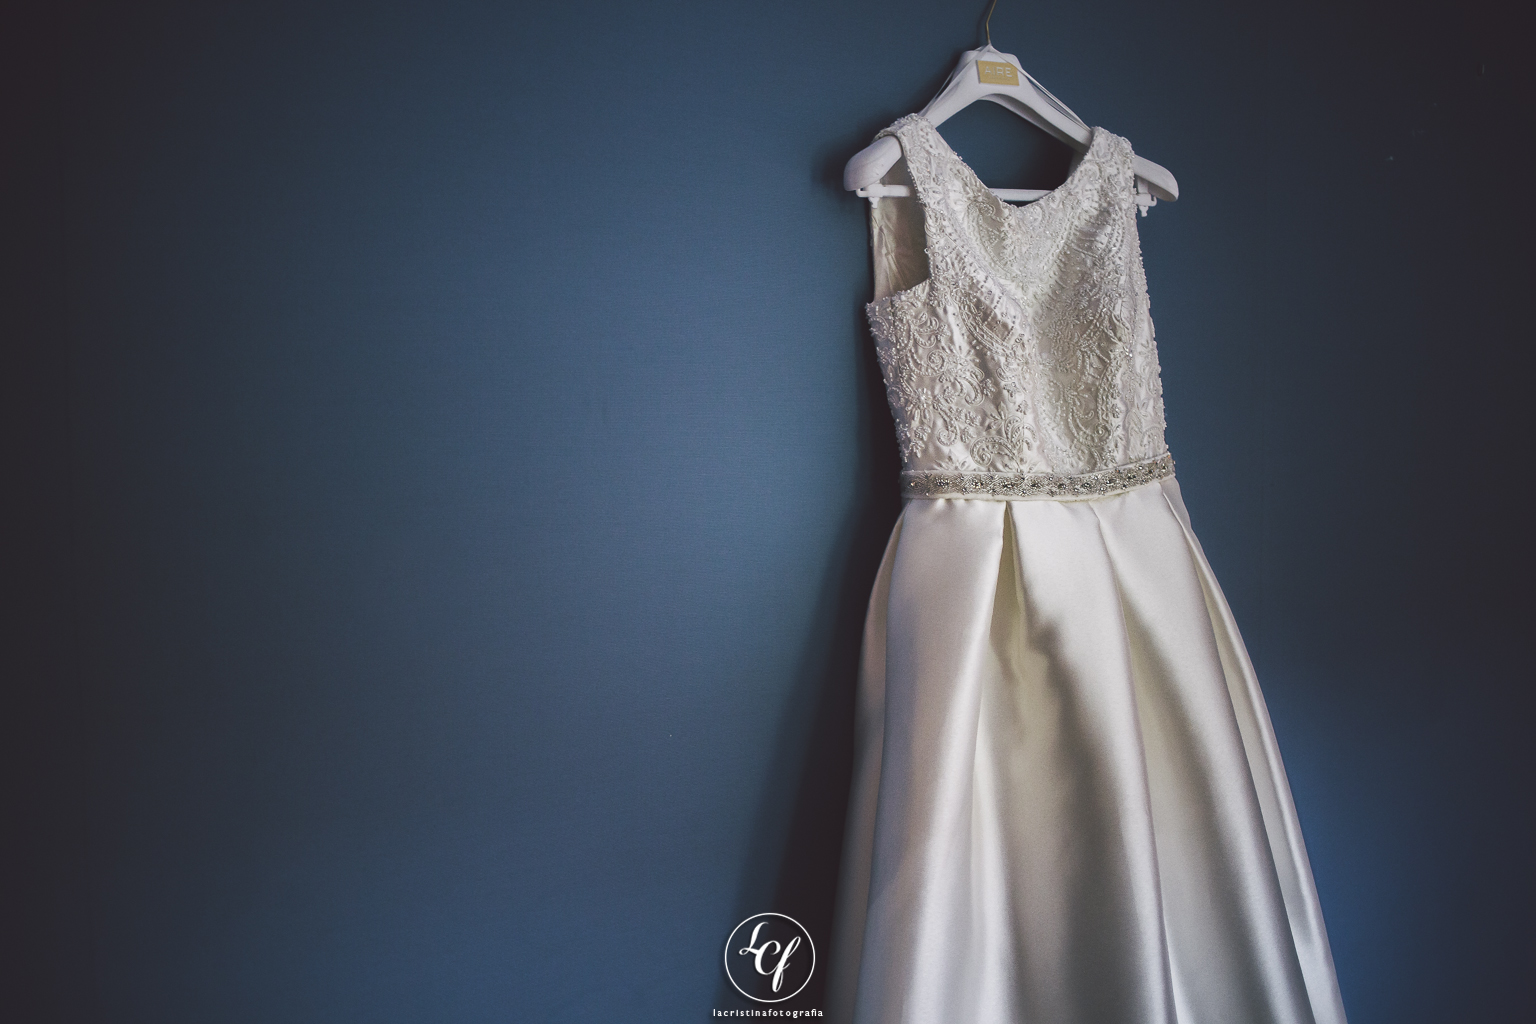 fotógrafo de bodas :: la roureda :: fotografía de bodas :: fotógrafo de boda :: fotógrafo de bodas barcelona :: fotografía de bodas sant cugat